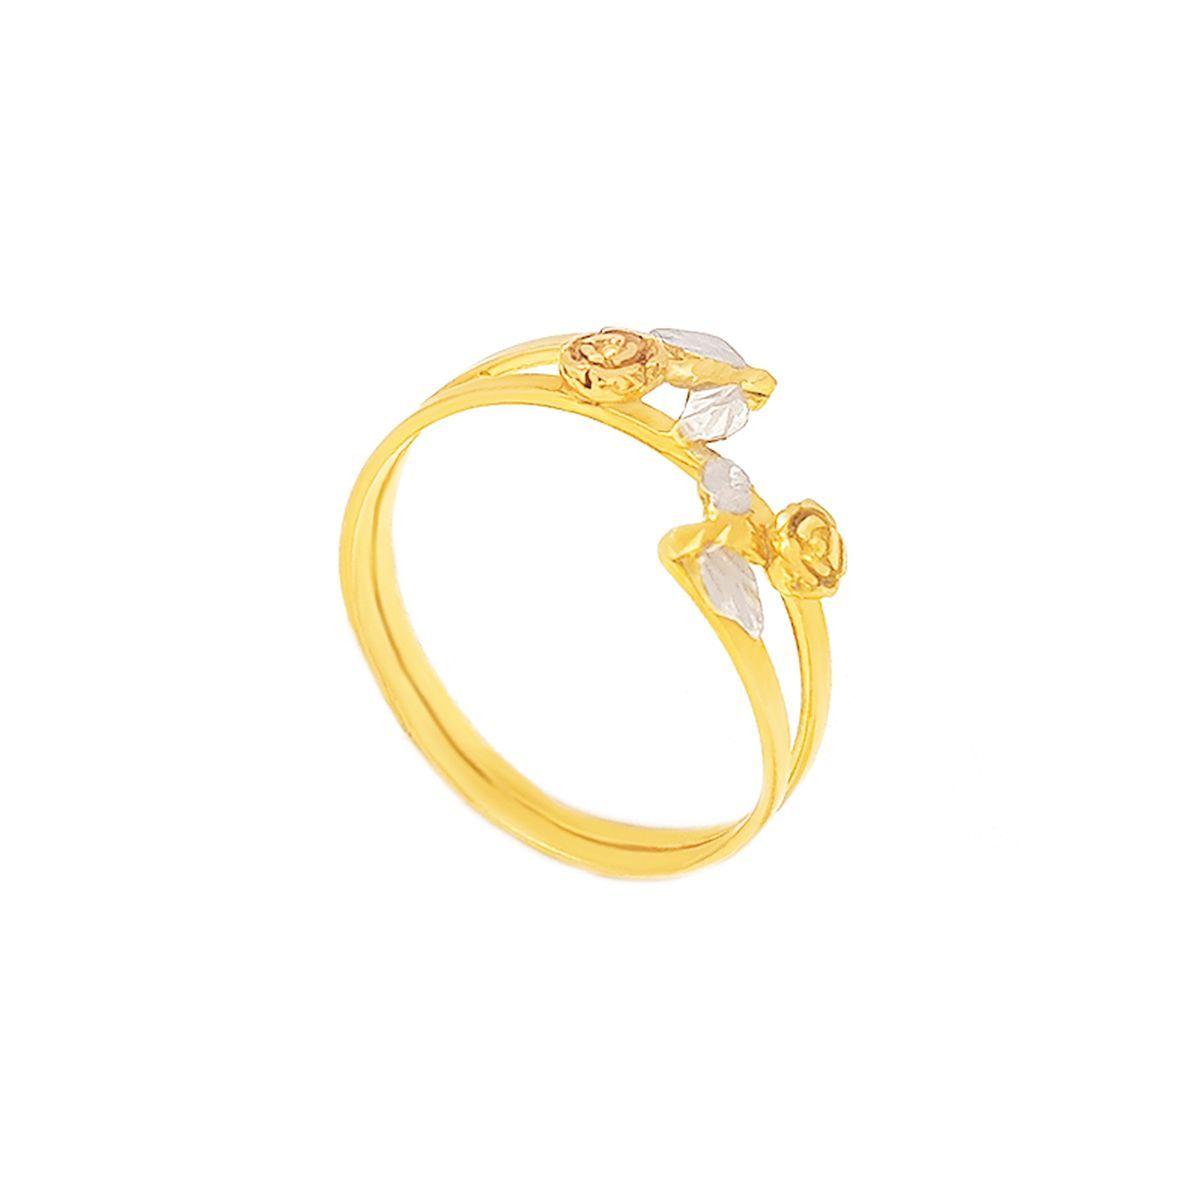 Belissimo O Anel 3 Cores Em Ouro 18k Com 2 Flores E Um Perfeito